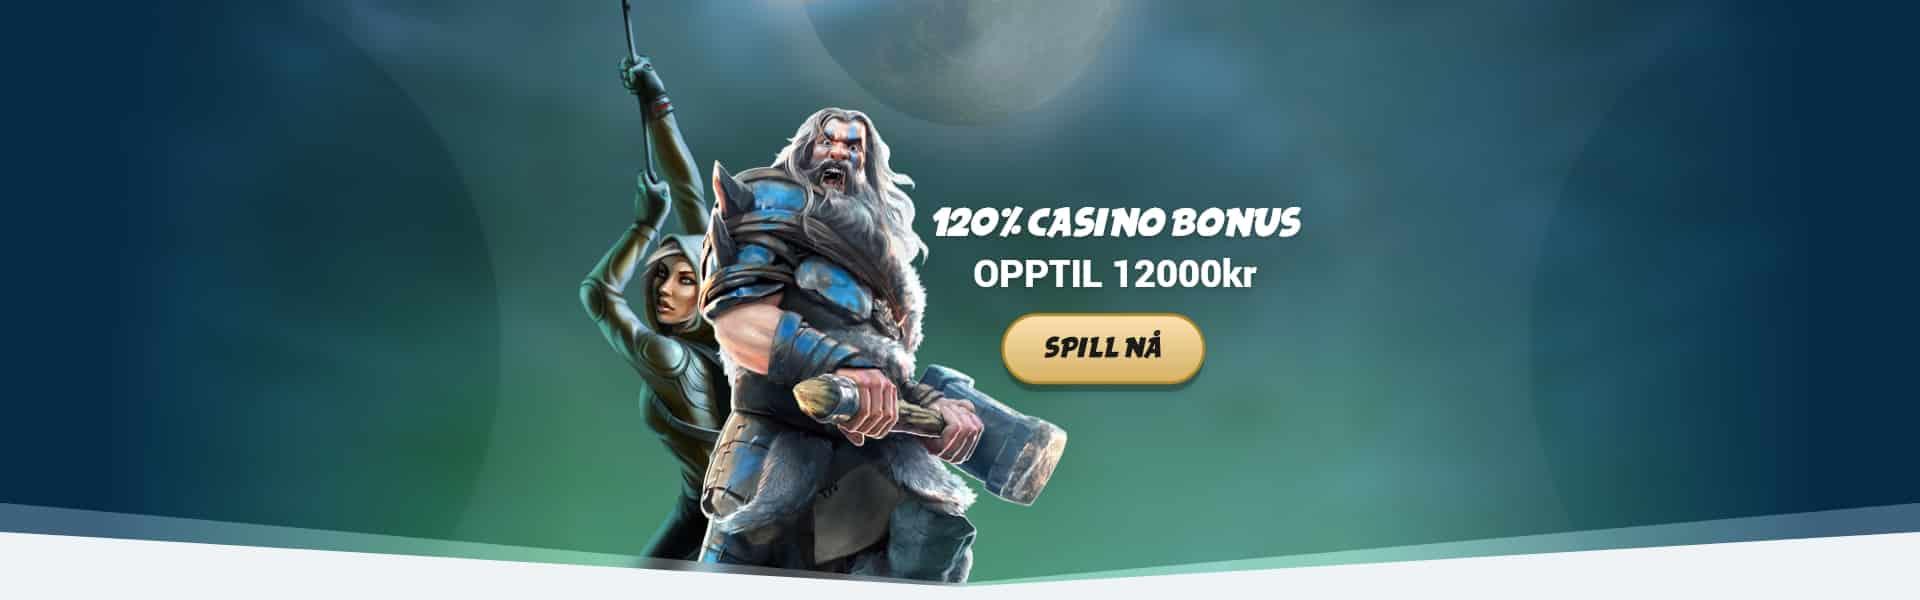 Svenbet Casino Content Images 03 - Norway CasinoTop